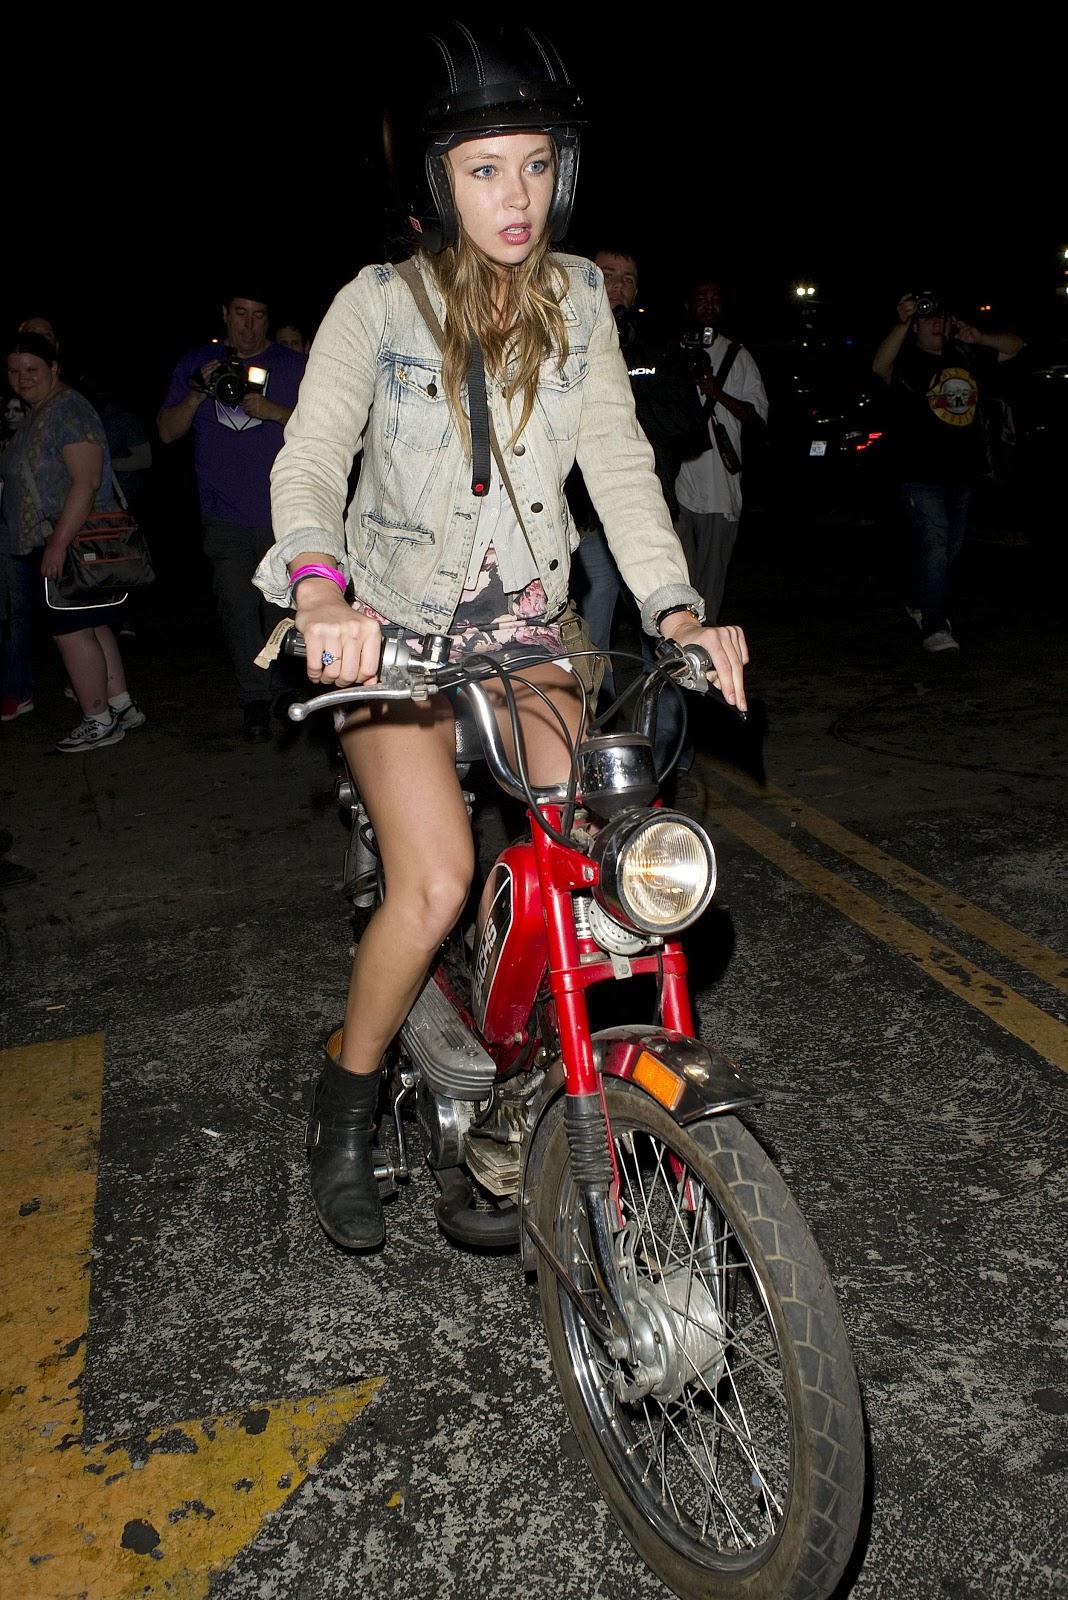 【自転車】パンツがミエタ 64枚目【バイスクール】 [無断転載禁止]©2ch.netYouTube動画>5本 ->画像>575枚